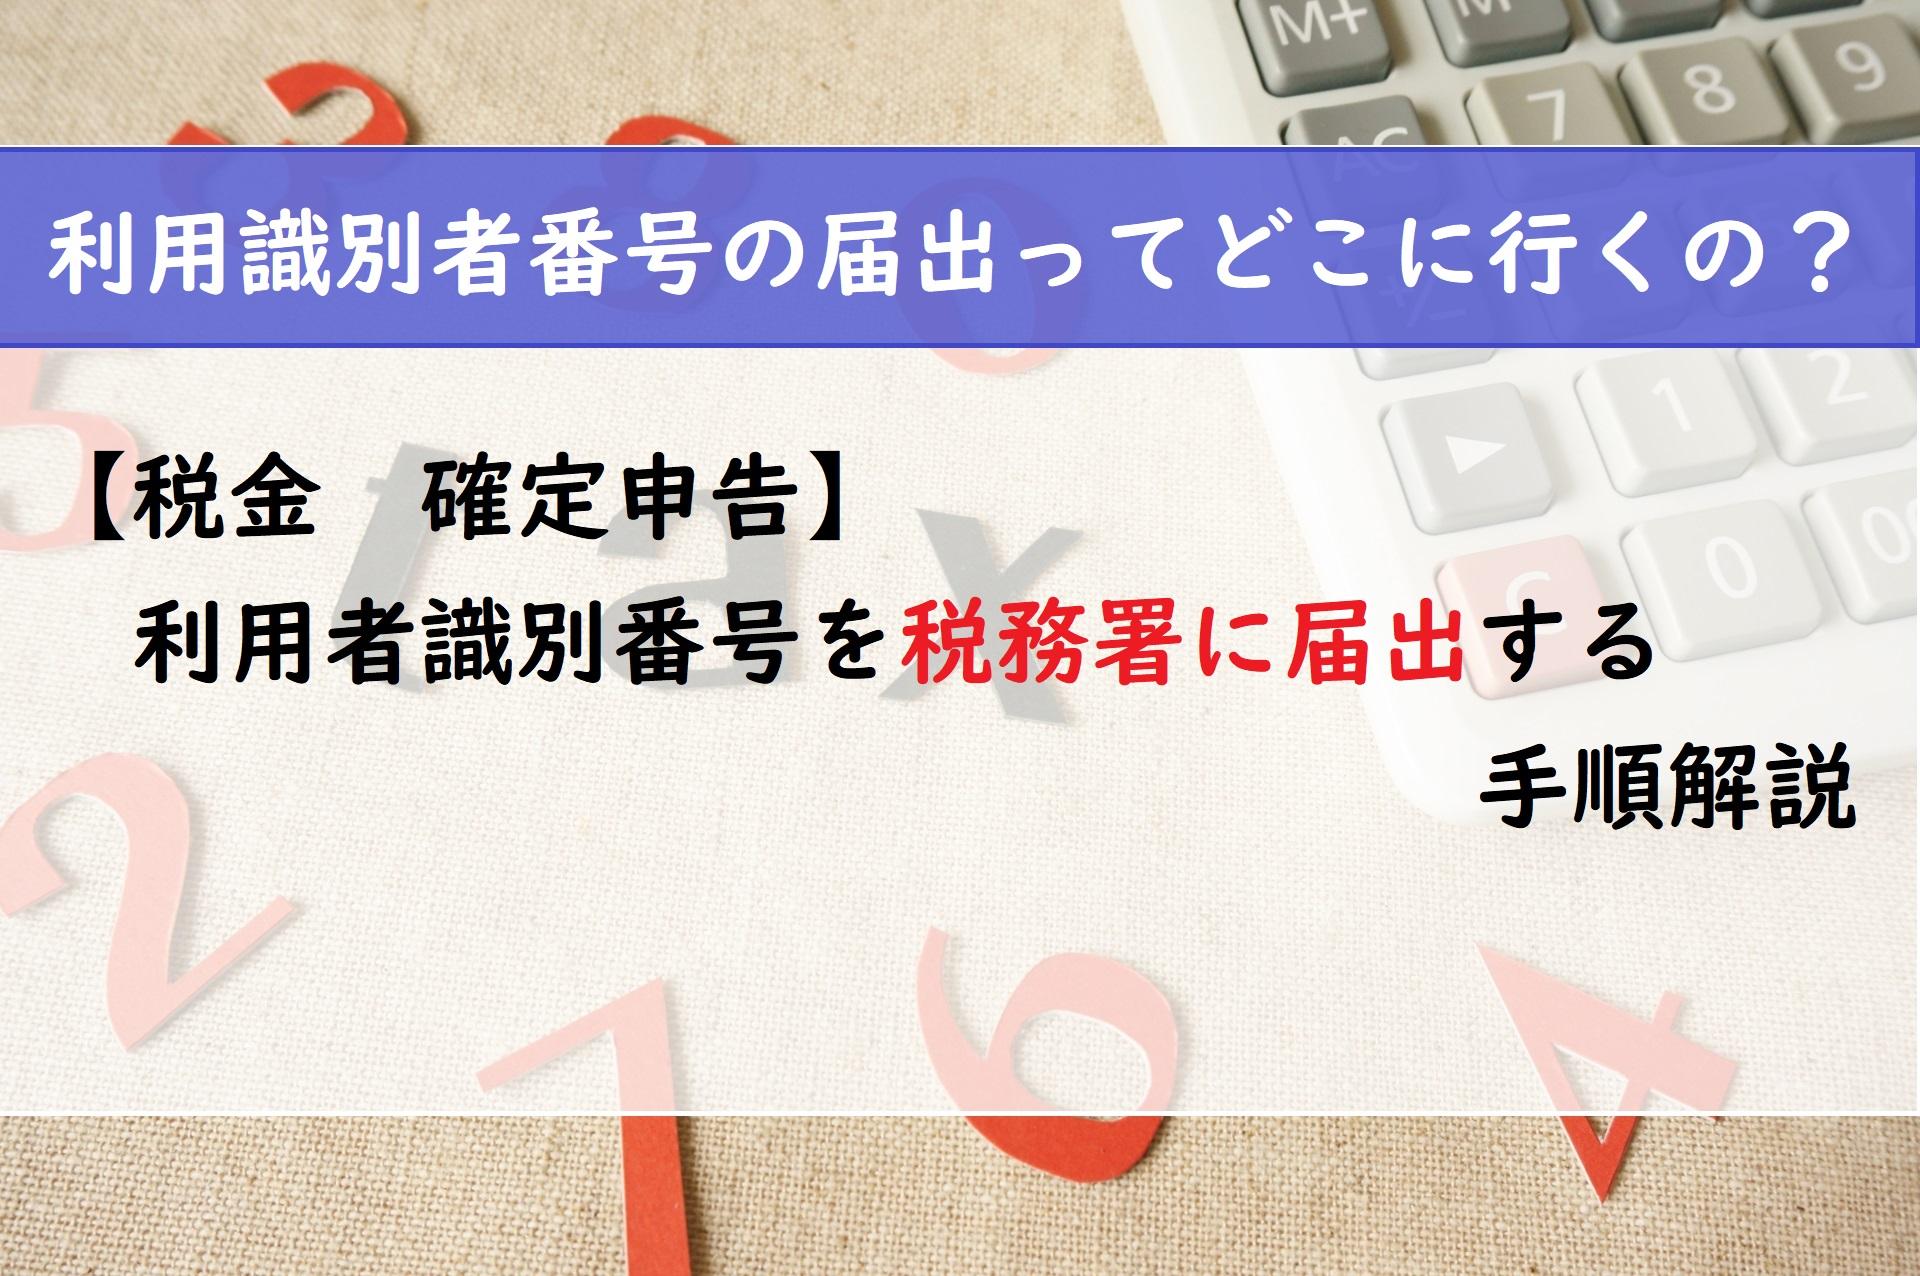 【税金 確定申告】利用識別者番号を税務署に届出する手順解説